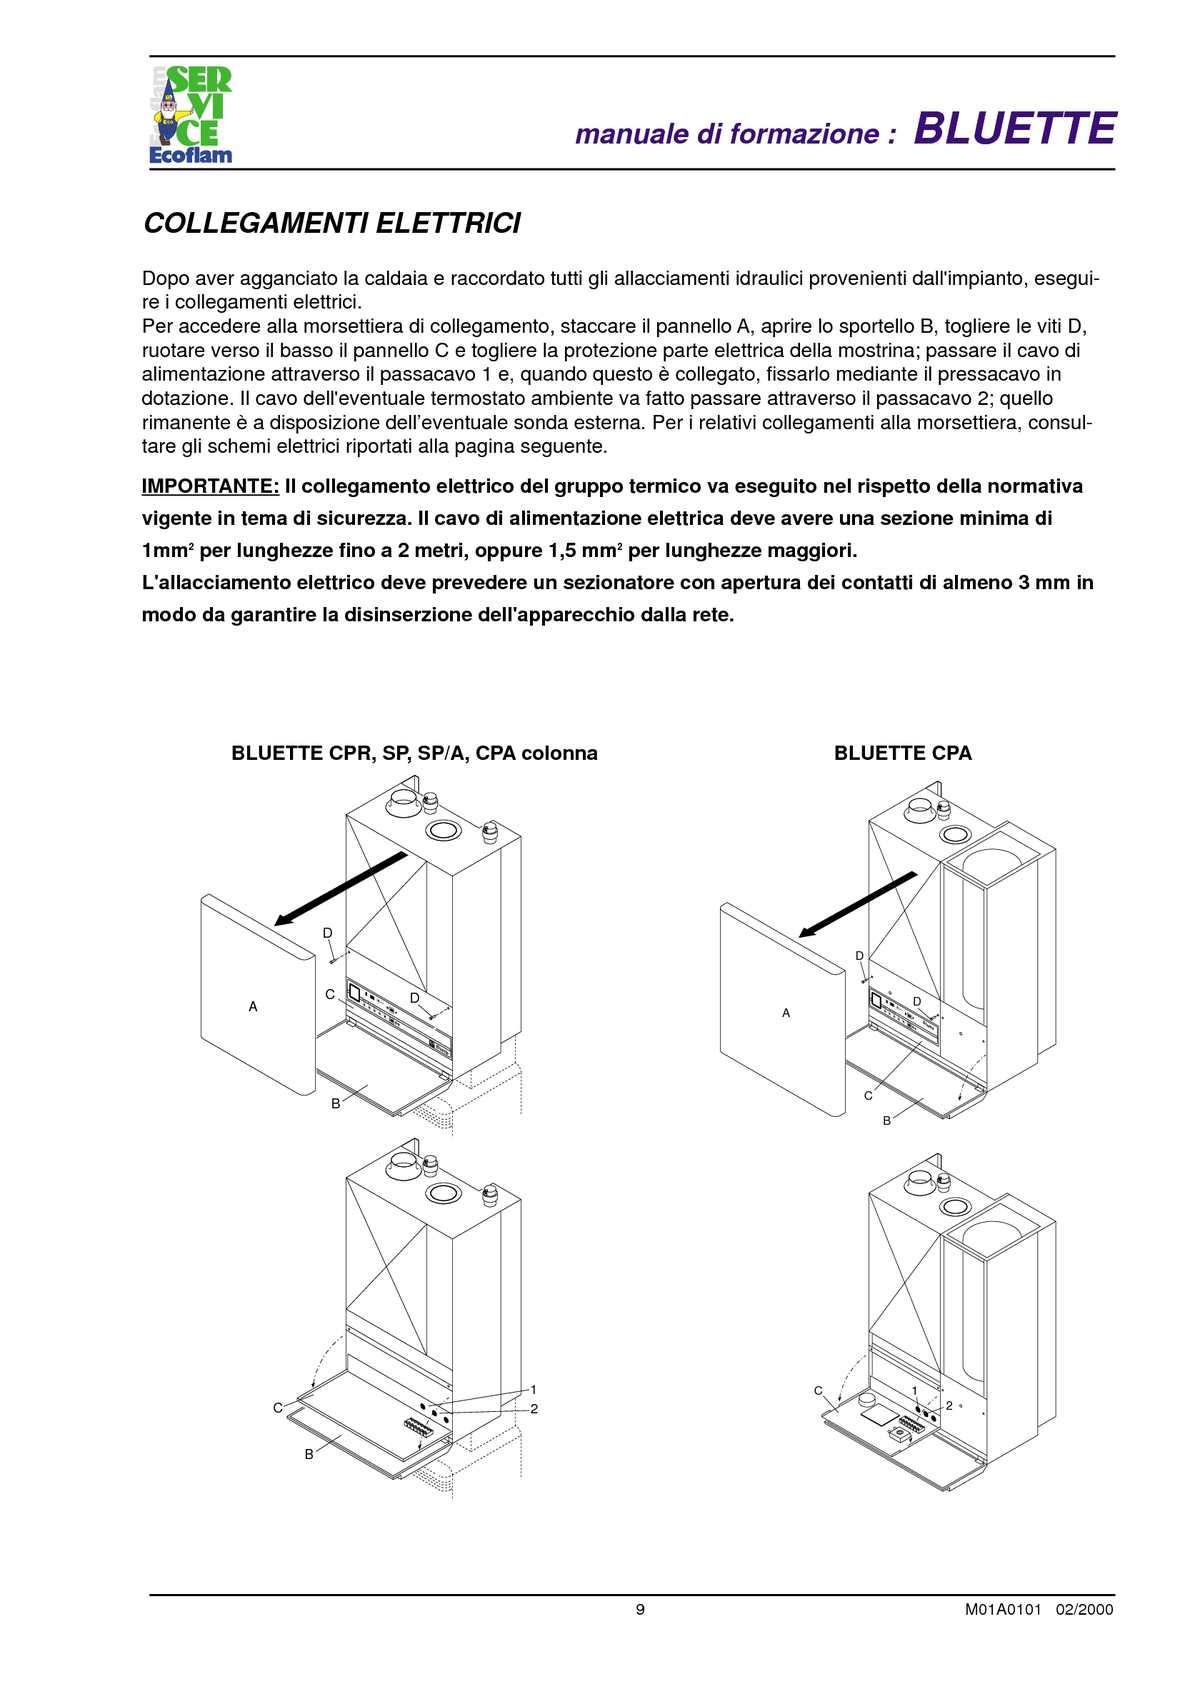 Schema Elettrico Zip Sp : Piaggio zip wikipedia